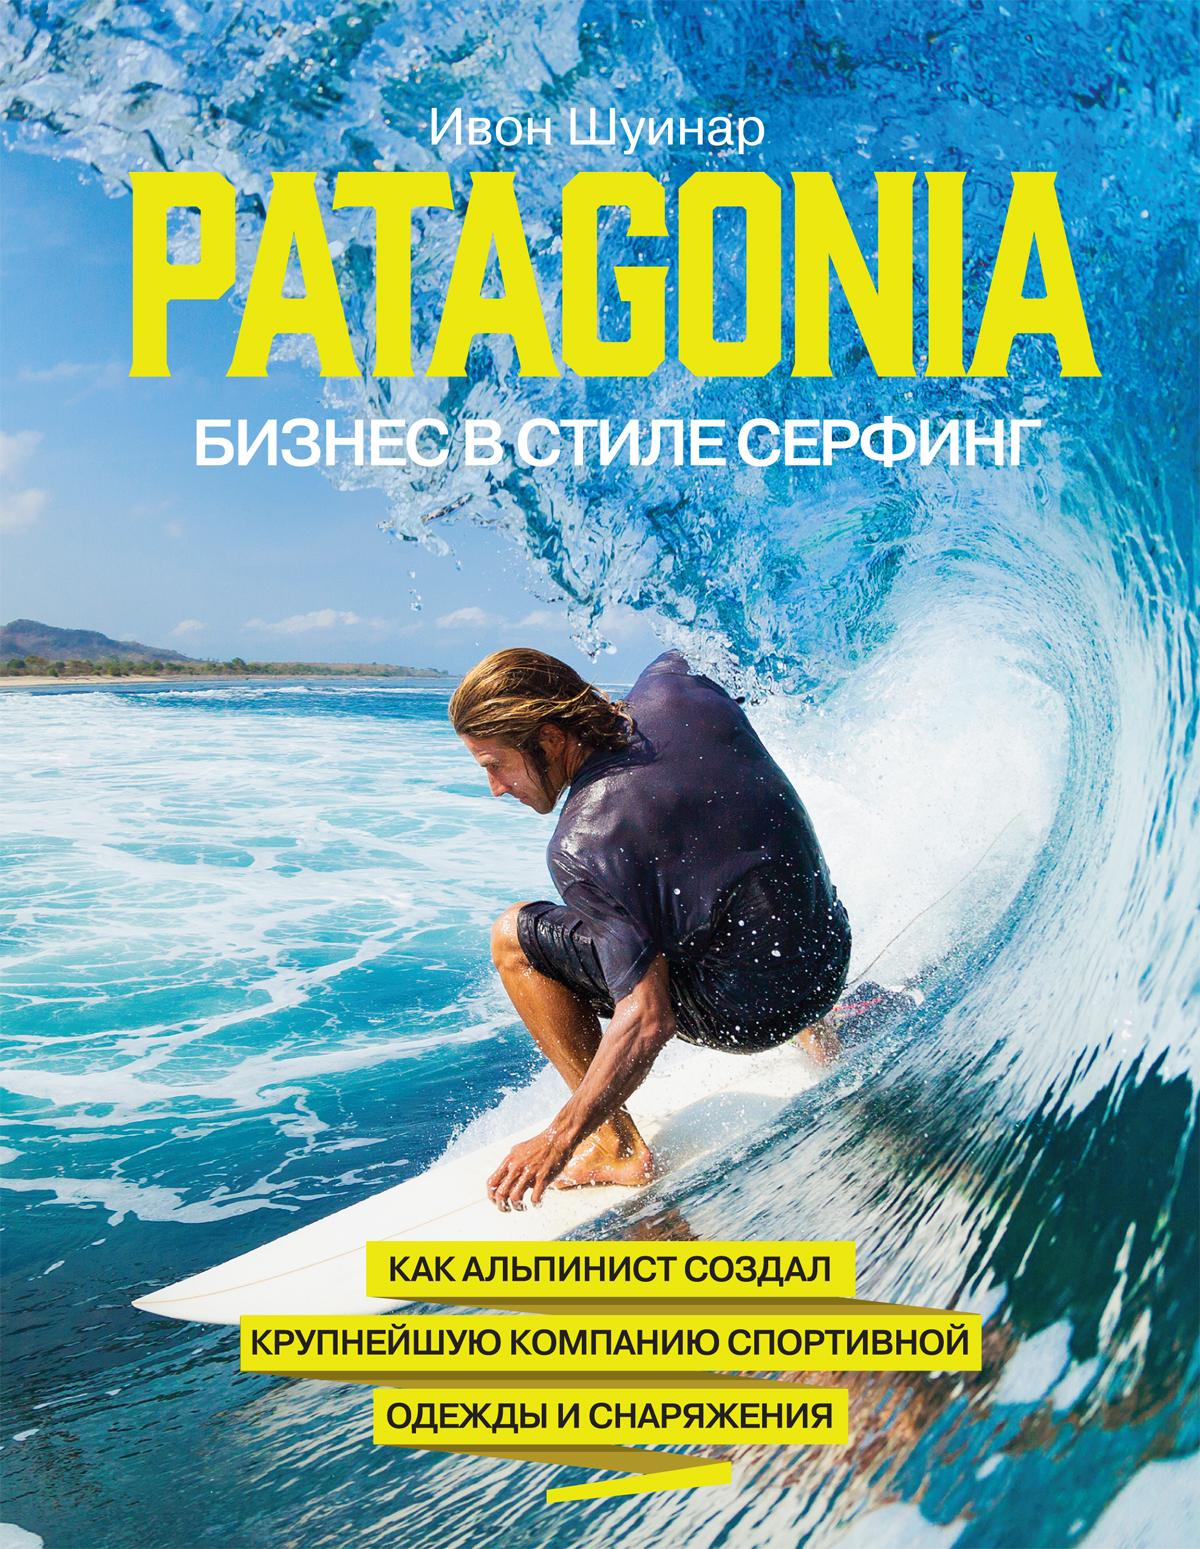 Patagonia – бизнес в стиле серфинг